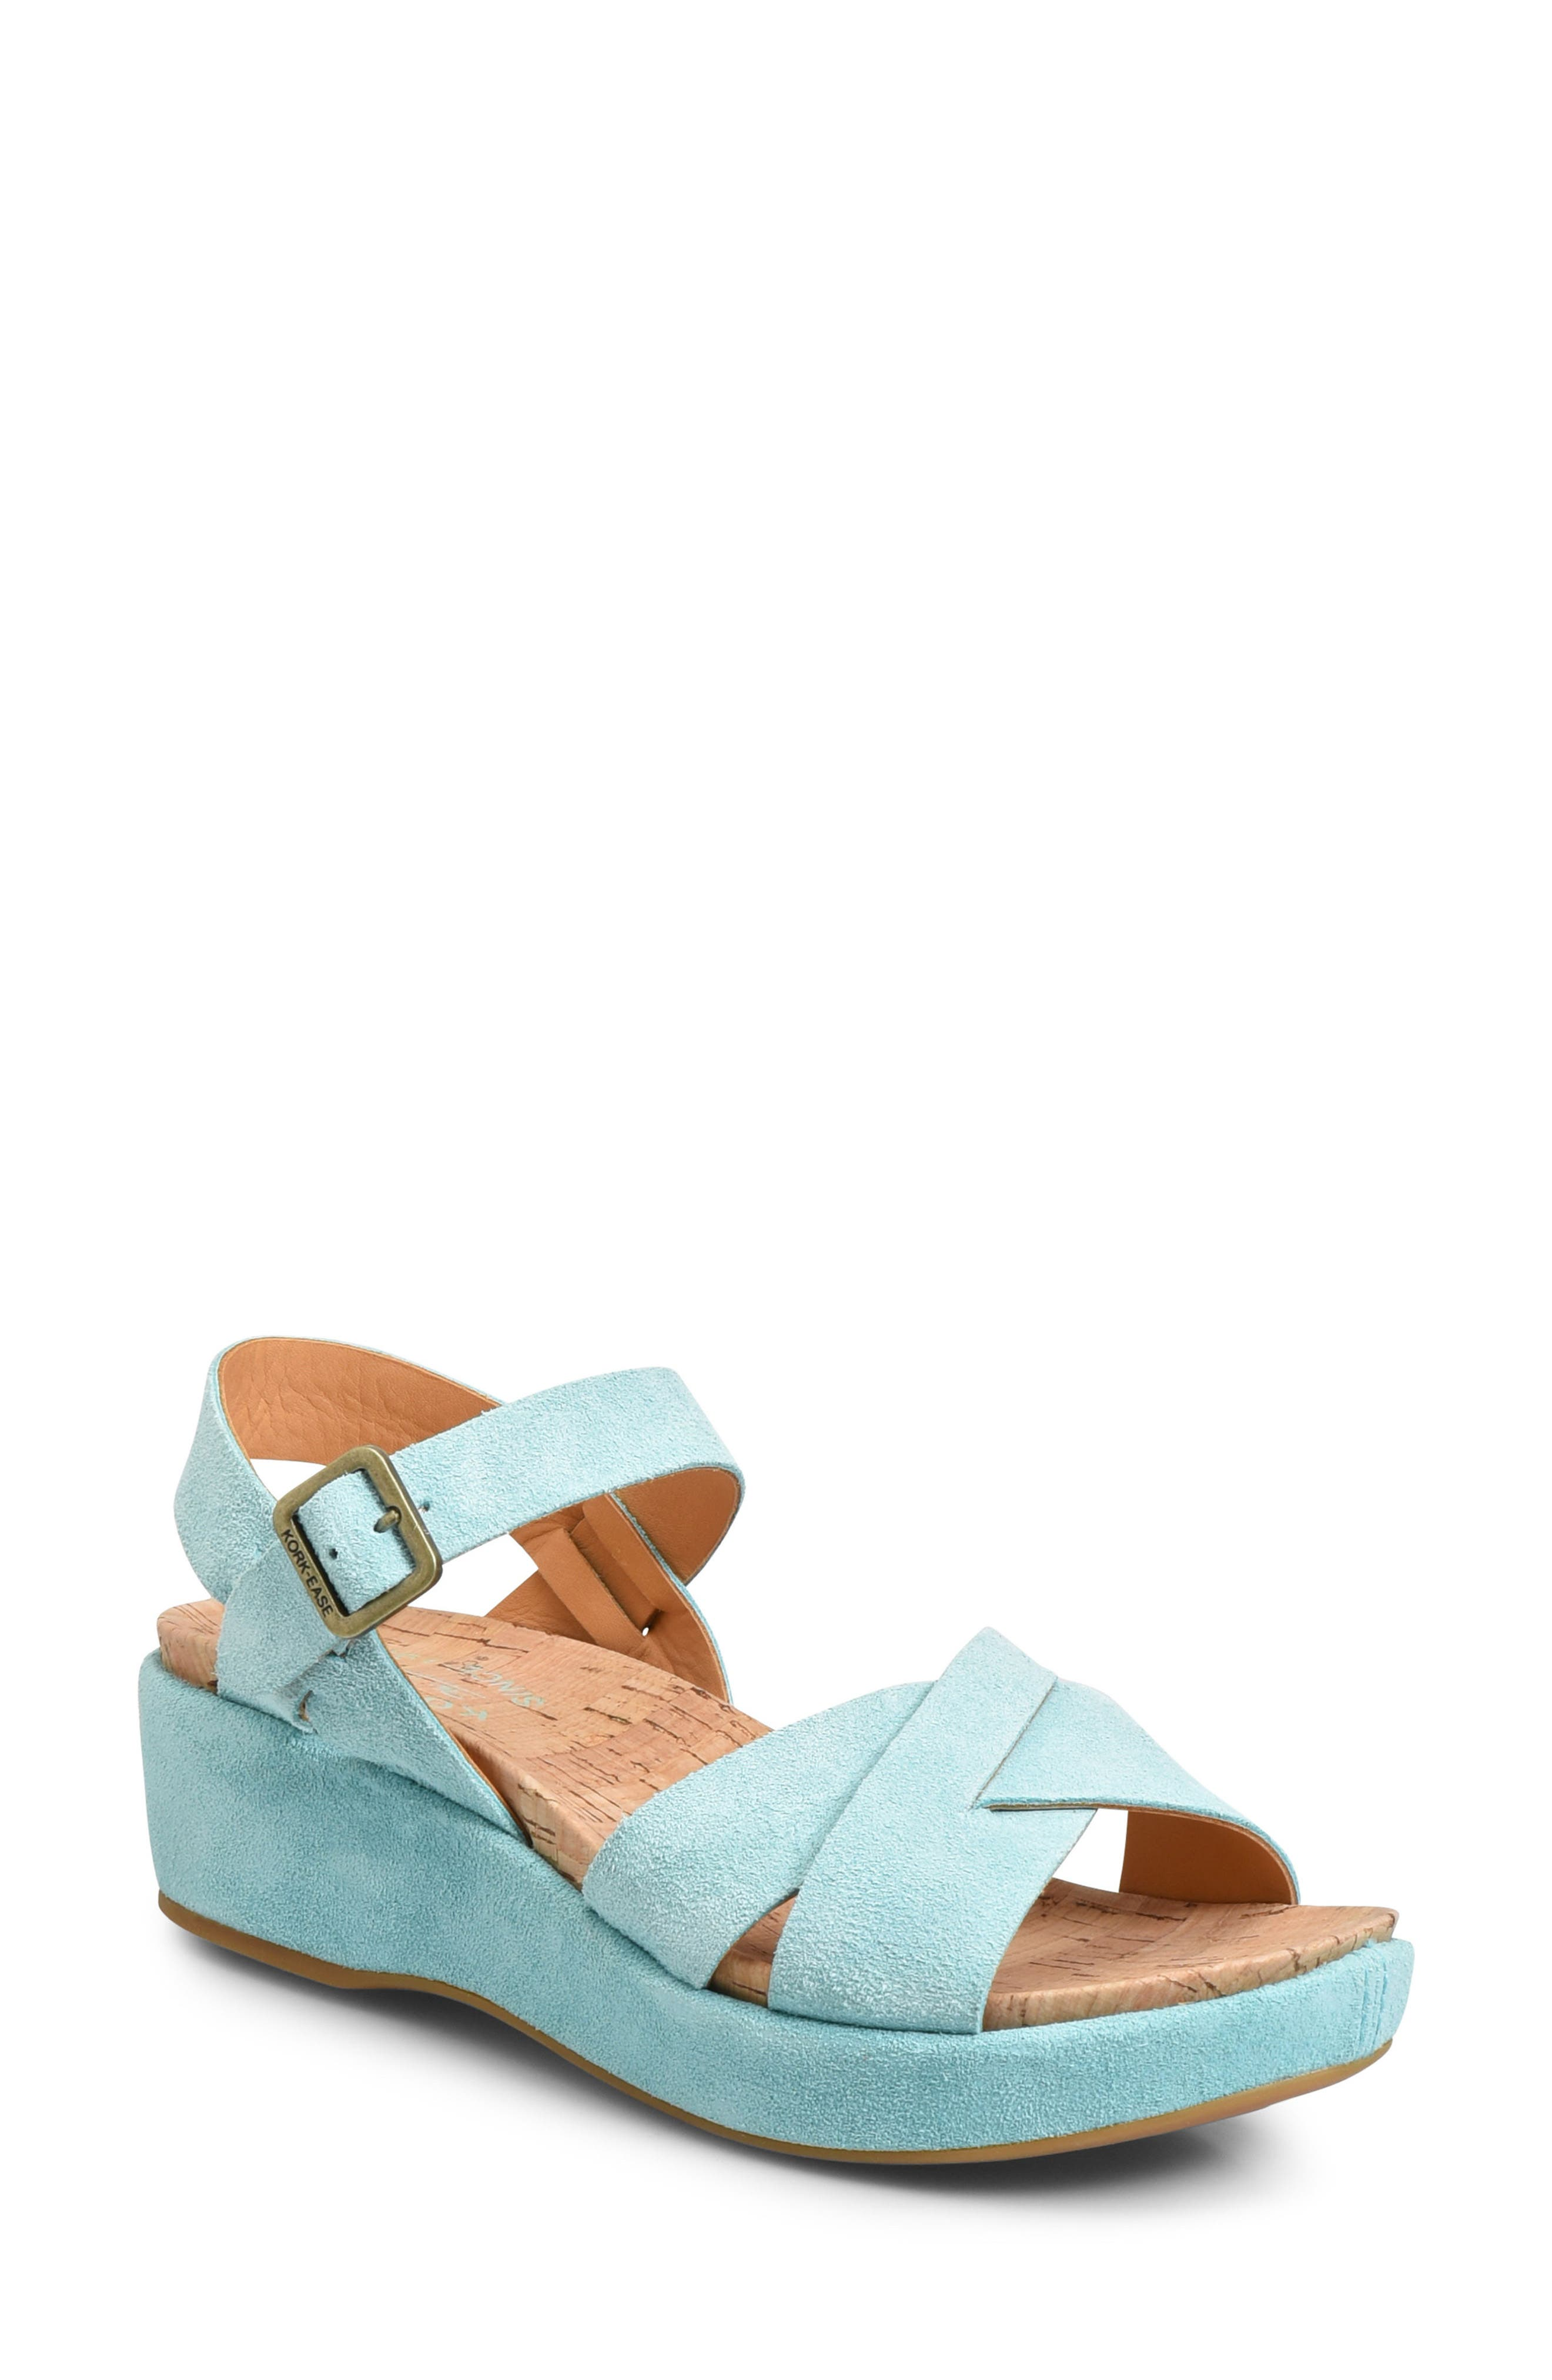 Main Image - Kork-Ease® 'Myrna 2.0' Cork Wedge Sandal (Women)